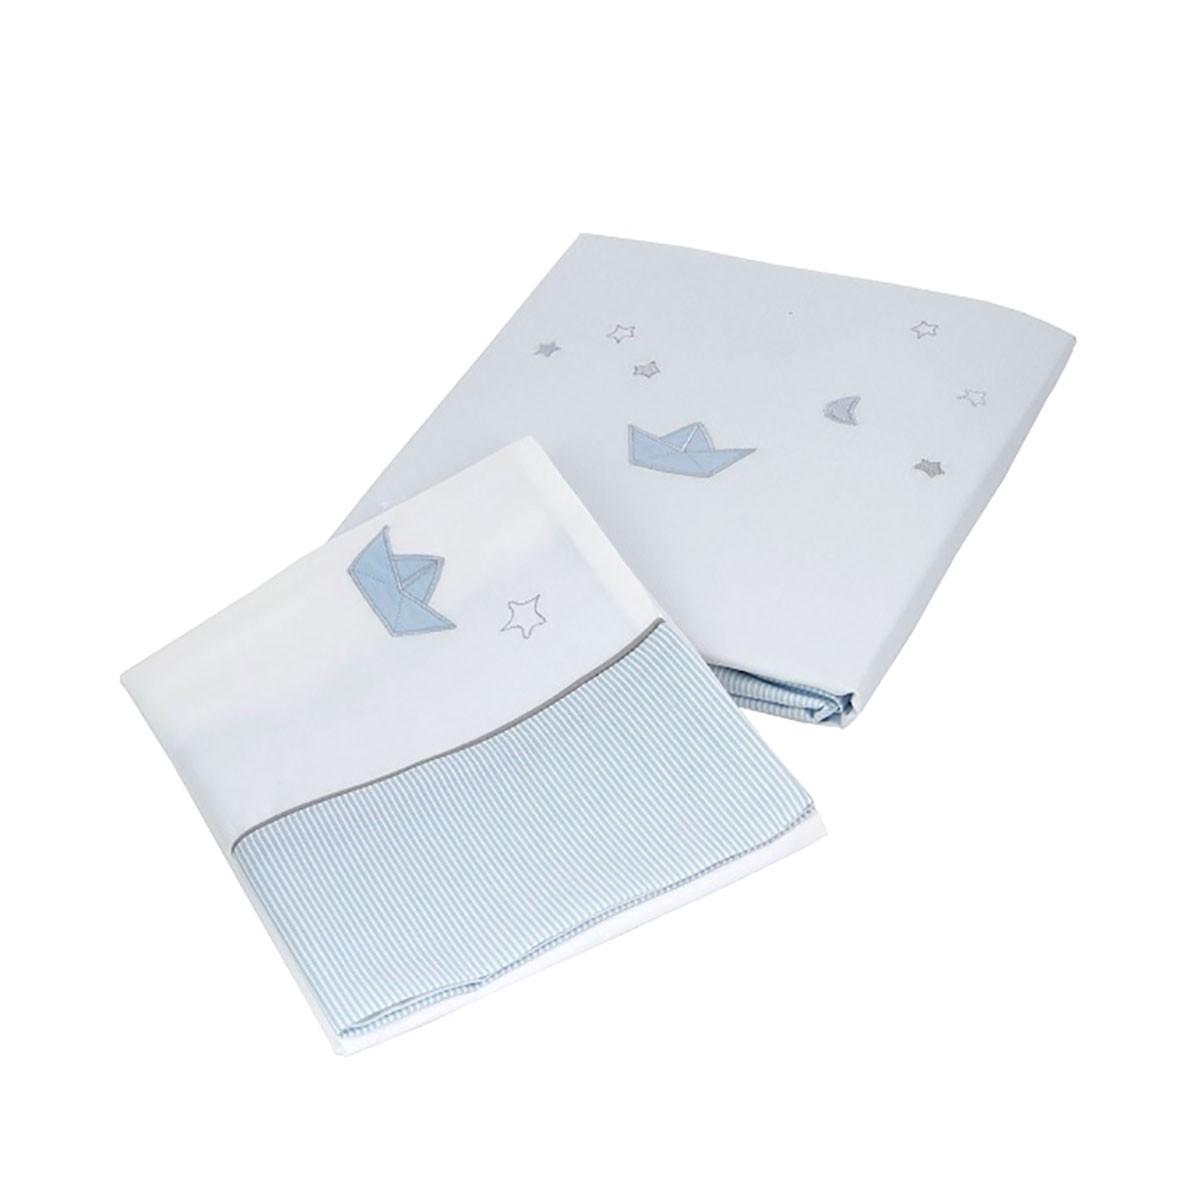 Παπλωματοθήκη Κούνιας (Σετ) Laura Ashley Stars Blue home   βρεφικά   παπλωματοθήκες βρεφικές